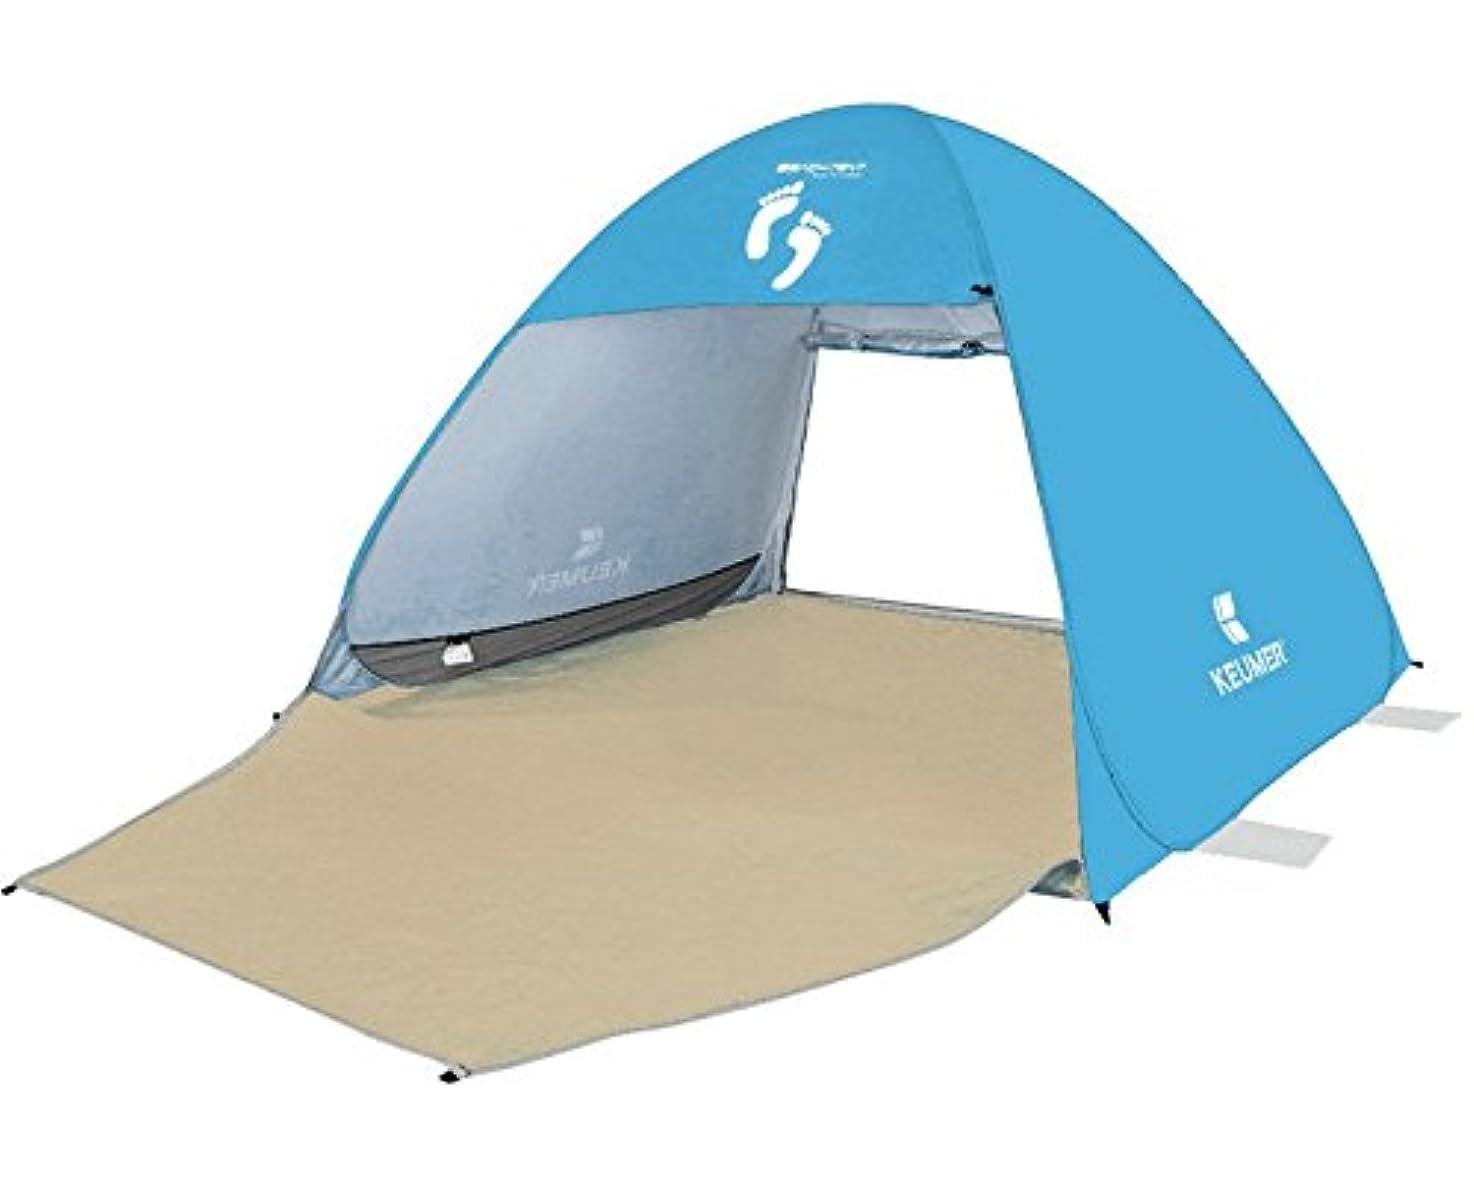 不完全スリル勇気のあるKEUMER 延長シート付きビーチテント ポップアップテント 幅200*奥行(180+100)*高130cm 3-4人用 UPF50+ 高耐水 フルークローズ可能 お花見 運動会 ピクニック用テント